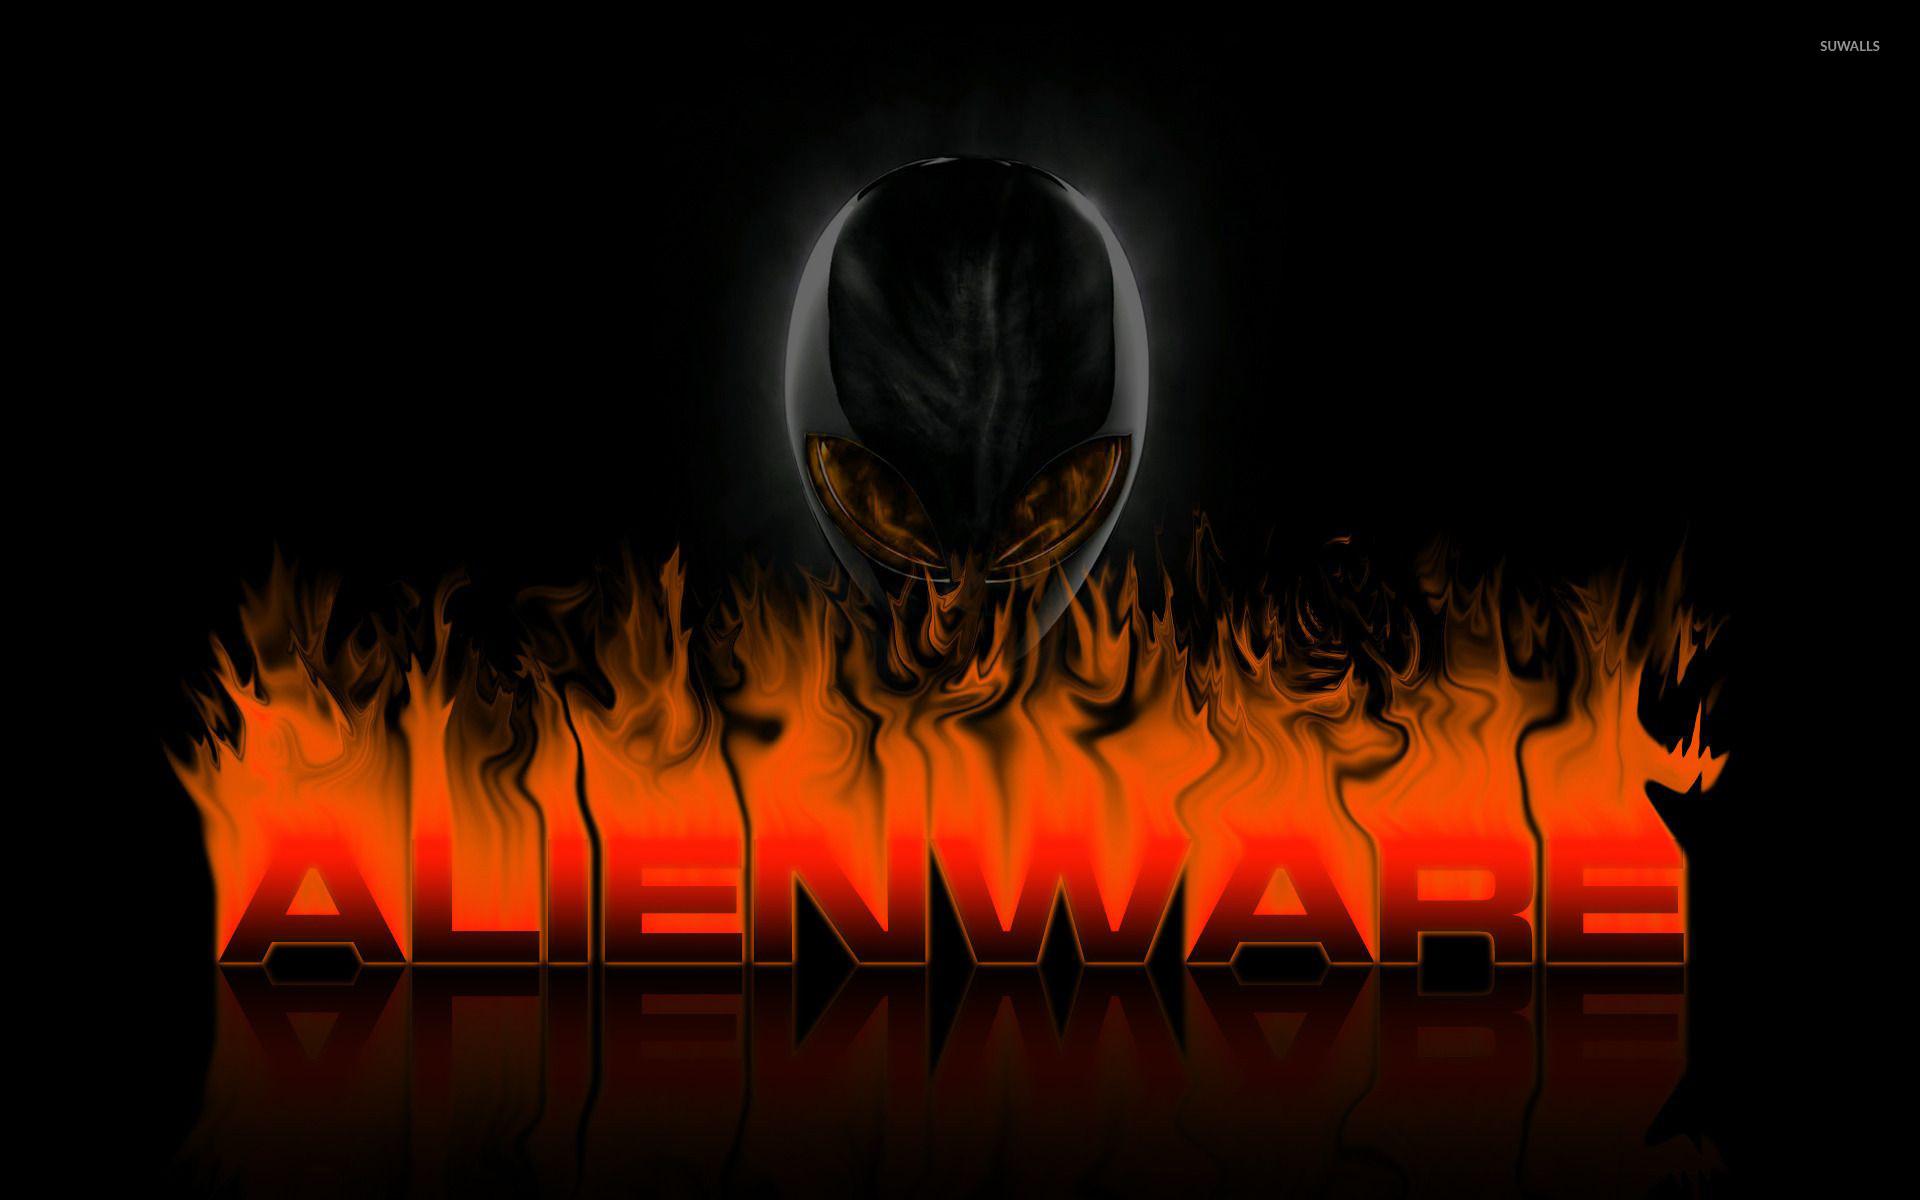 Alienware Wallpaper 2560 X 1440 – WallpaperSafari